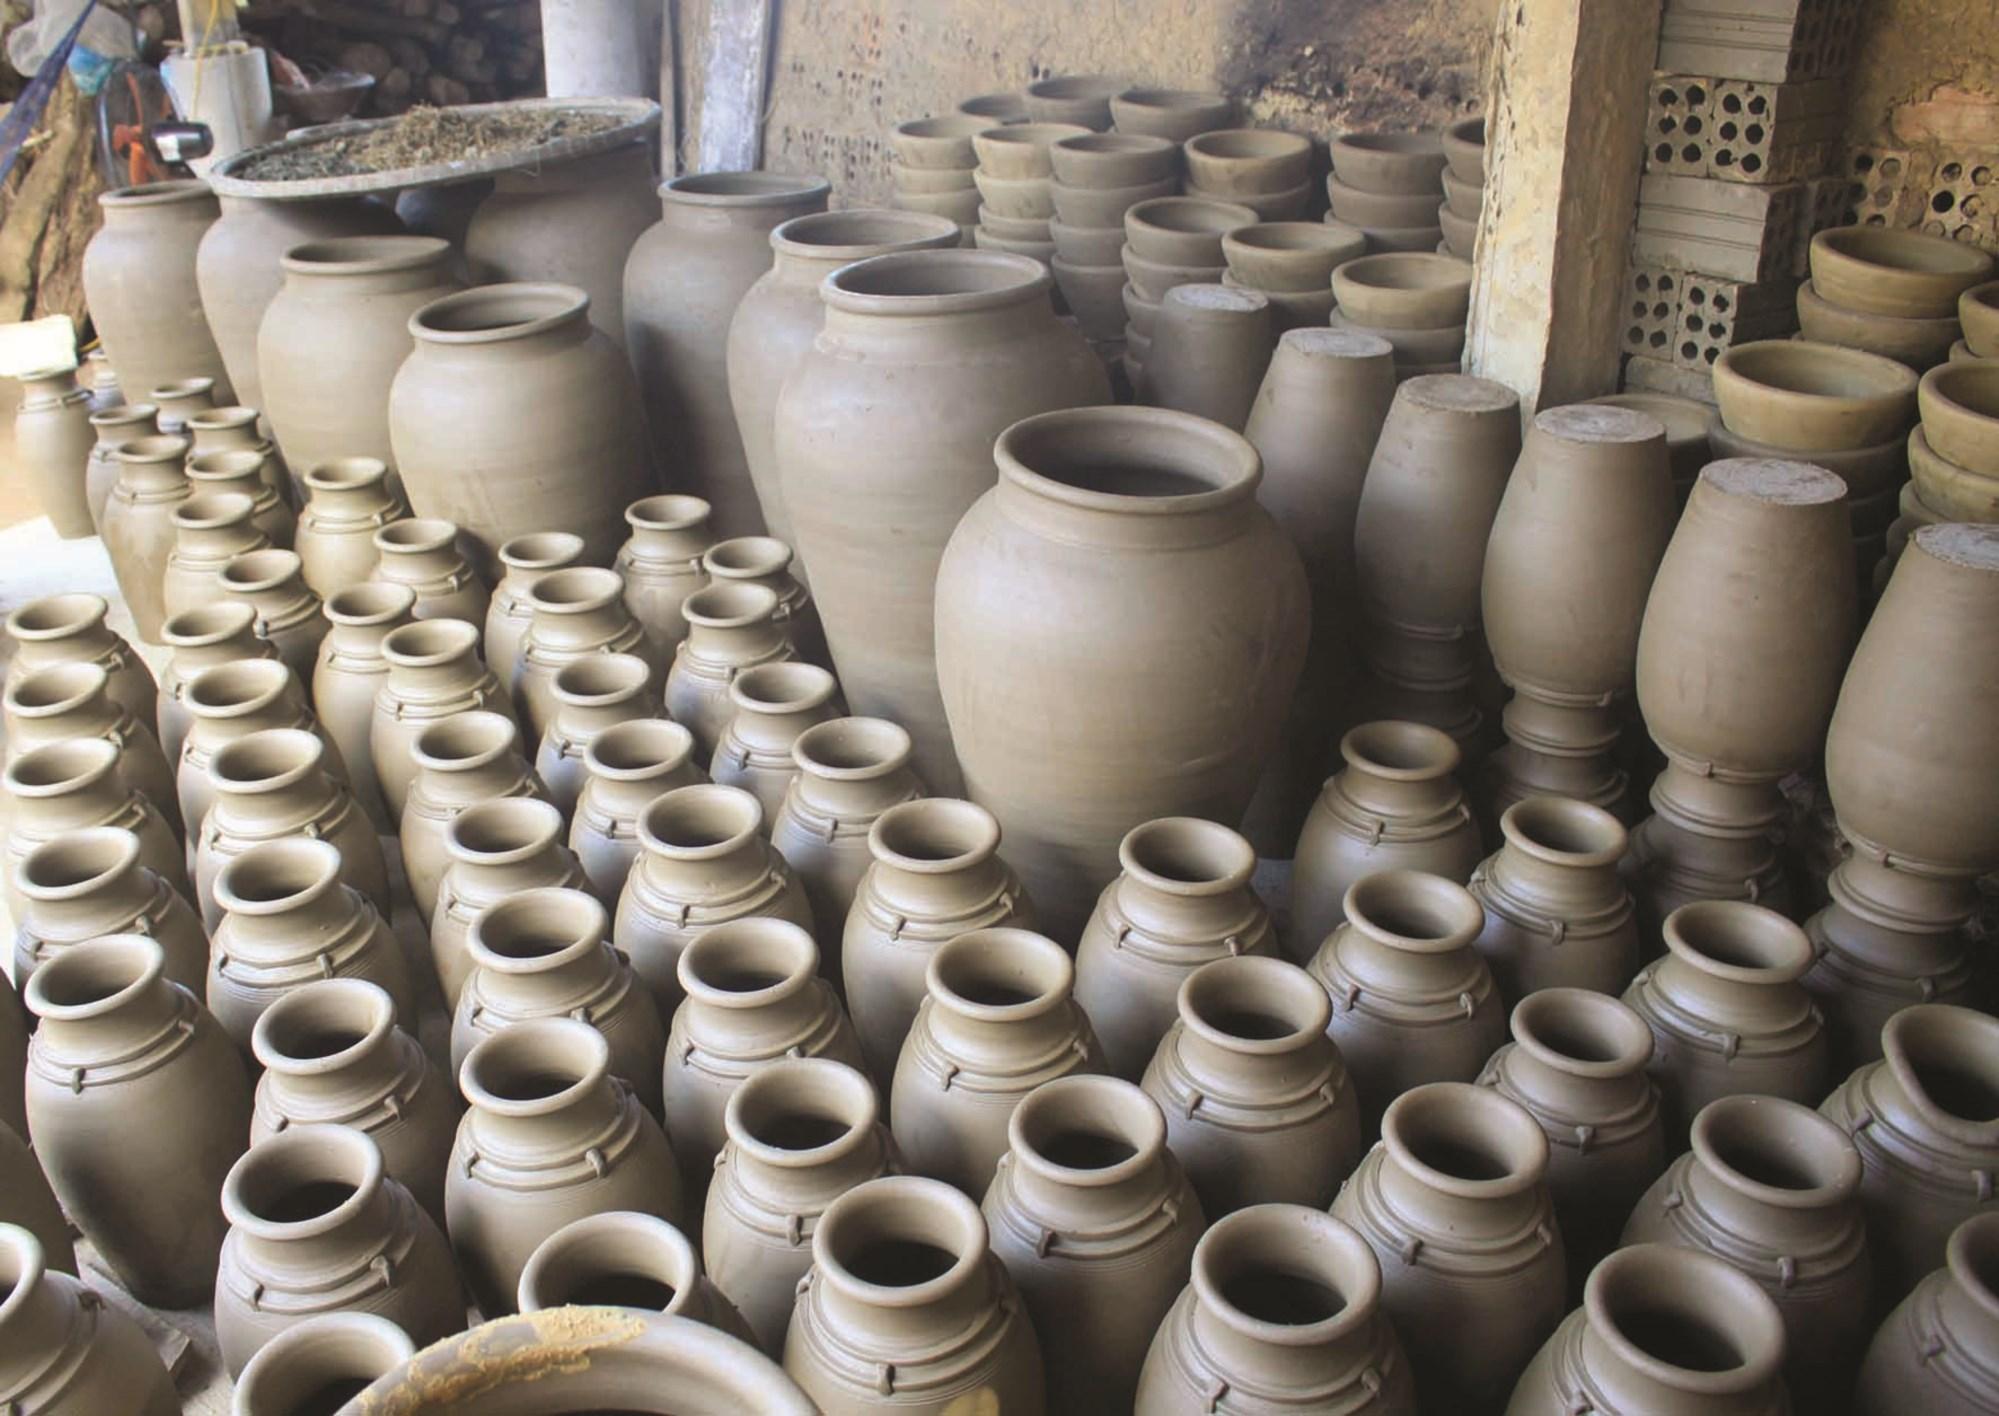 Những sản phẩm nặn từ đất sét ở làng gốm Mỹ Thiện sẽ được phơi 1 tháng trước khi nung